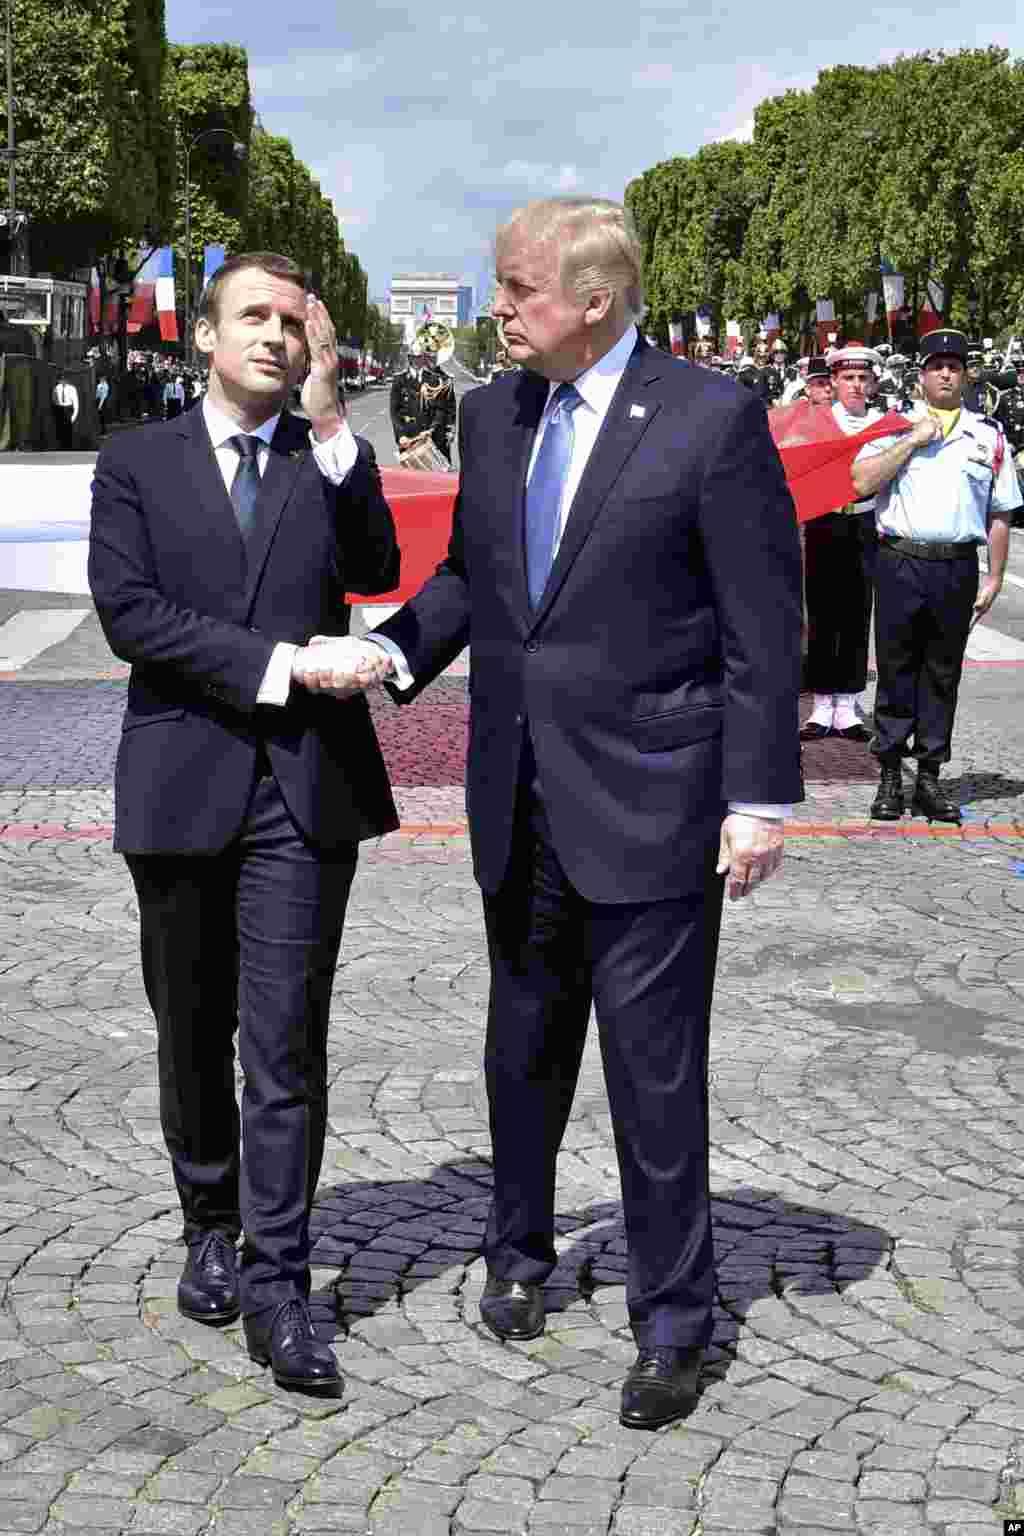 在法国国庆阅兵后,美国总统川普和法国总统马克龙握手(2017年7月14日)一项新的研究结果显示,相较于东亚人士,西方人对于握手比东亚人有更正面的评价。伊利诺伊州大学研究员播放了商业情境下主客互动短片给88名西方与亚州男性与女性受试者观看。影片中的人物,有些于见面一开始就握手,有些则不握手。研究发现,参与这项实验的西方人比东亚人更喜欢握手的互动方式。研究人员表示,他们计划进一步研究握手与鞠躬这项东亚传统问候方式的对比。